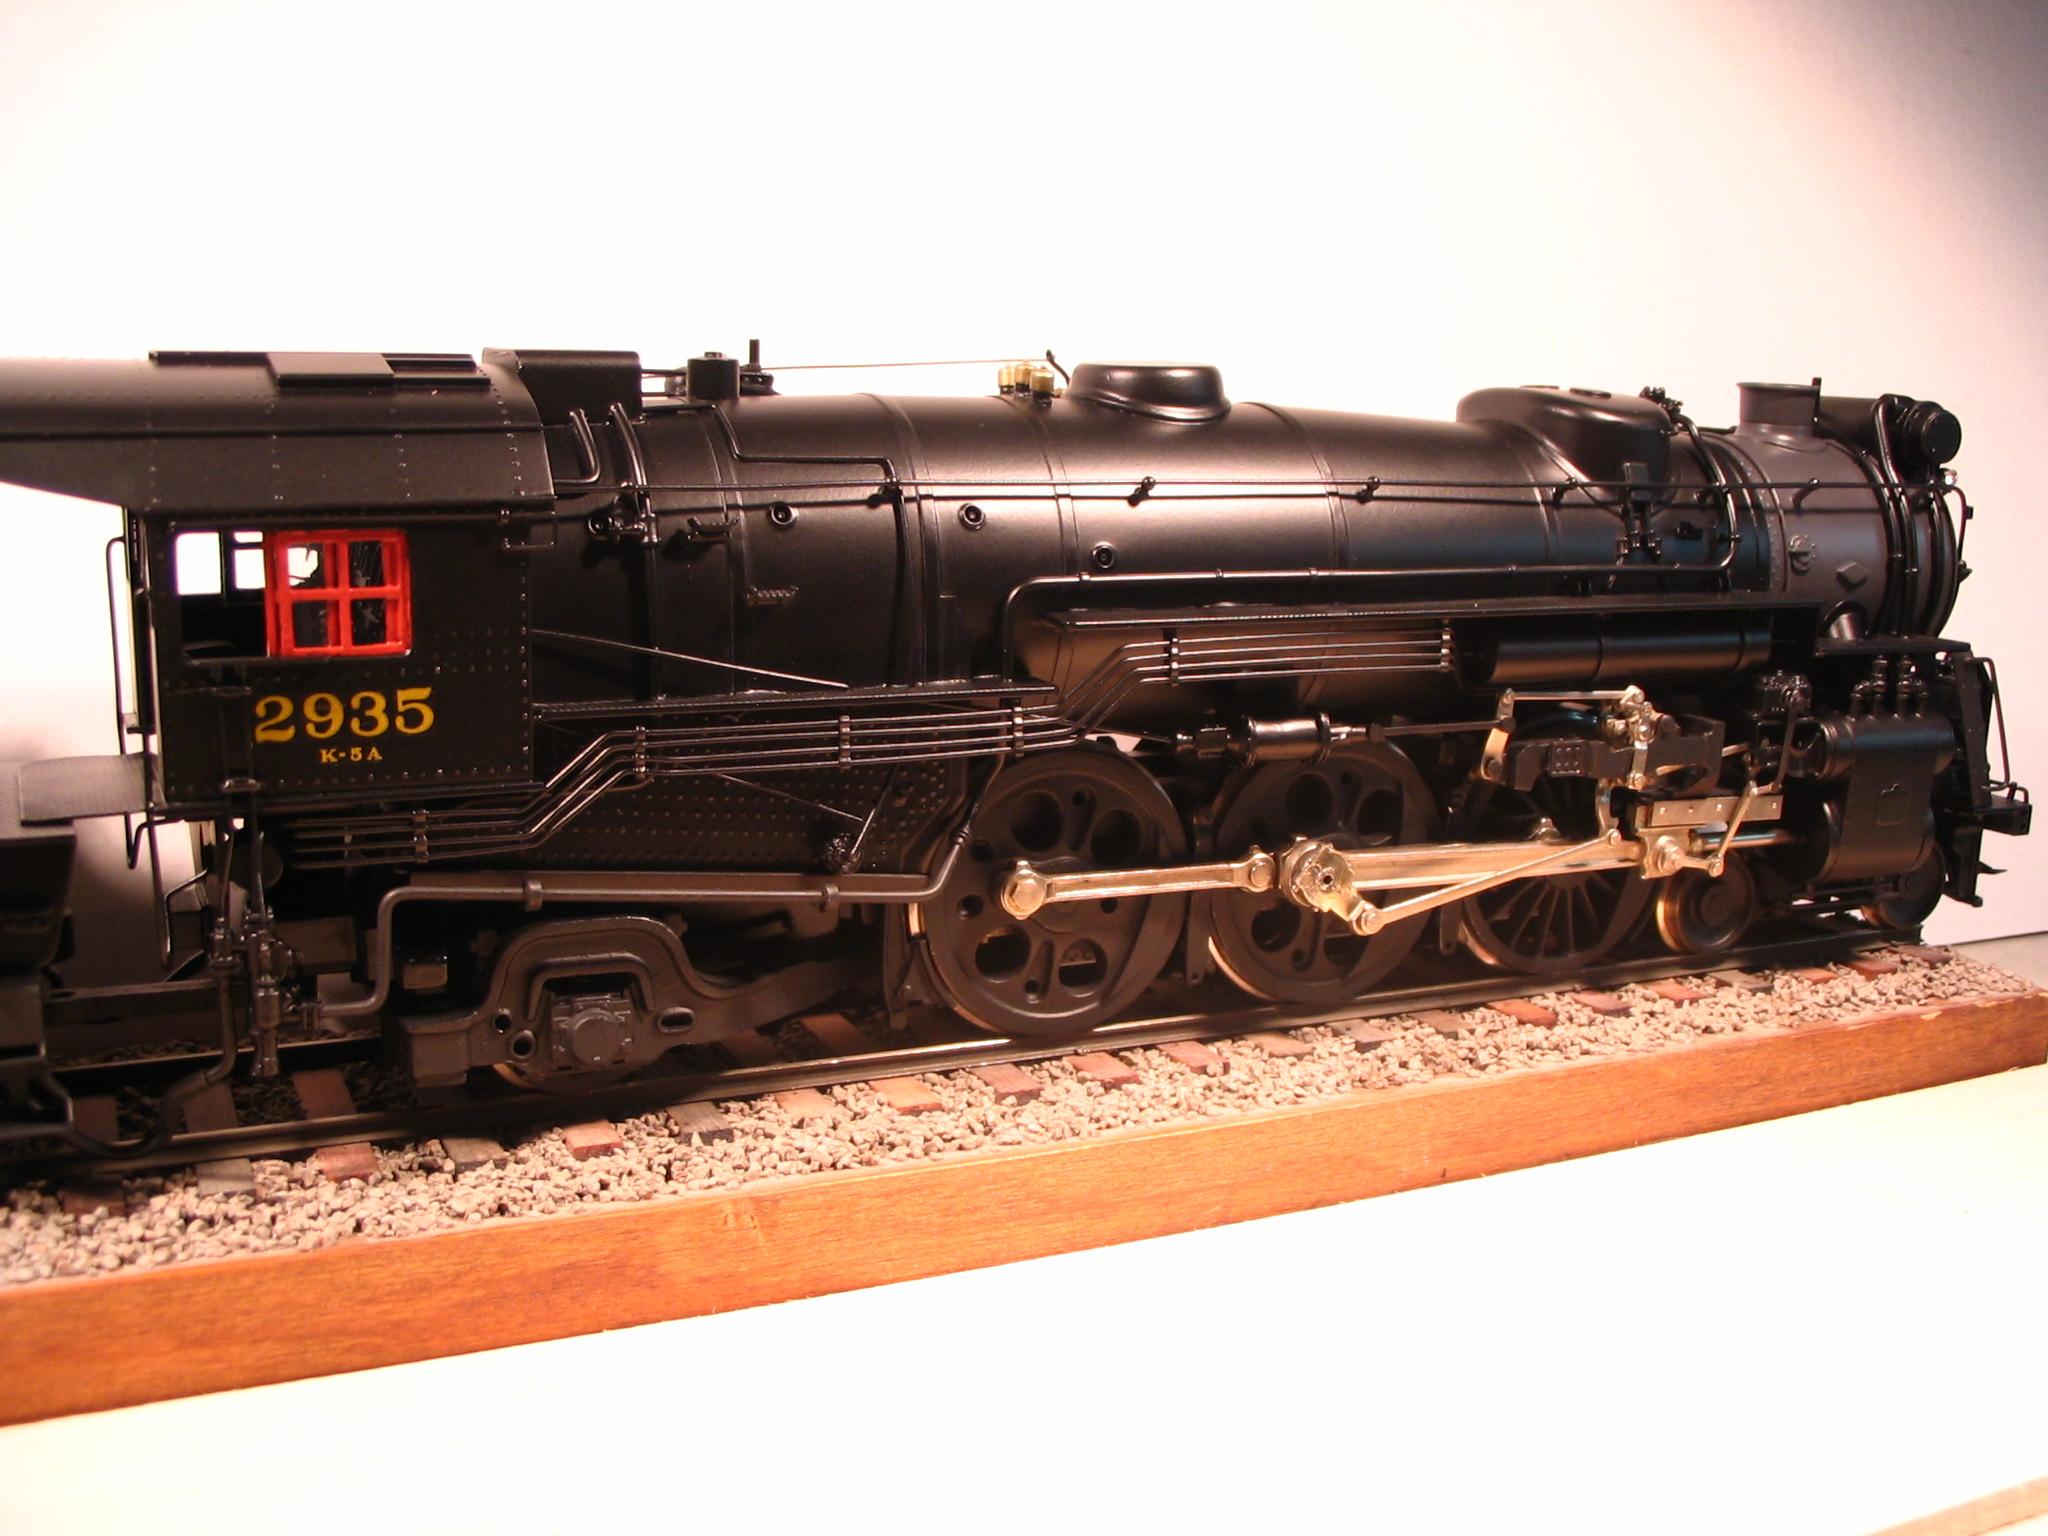 K-5a 011